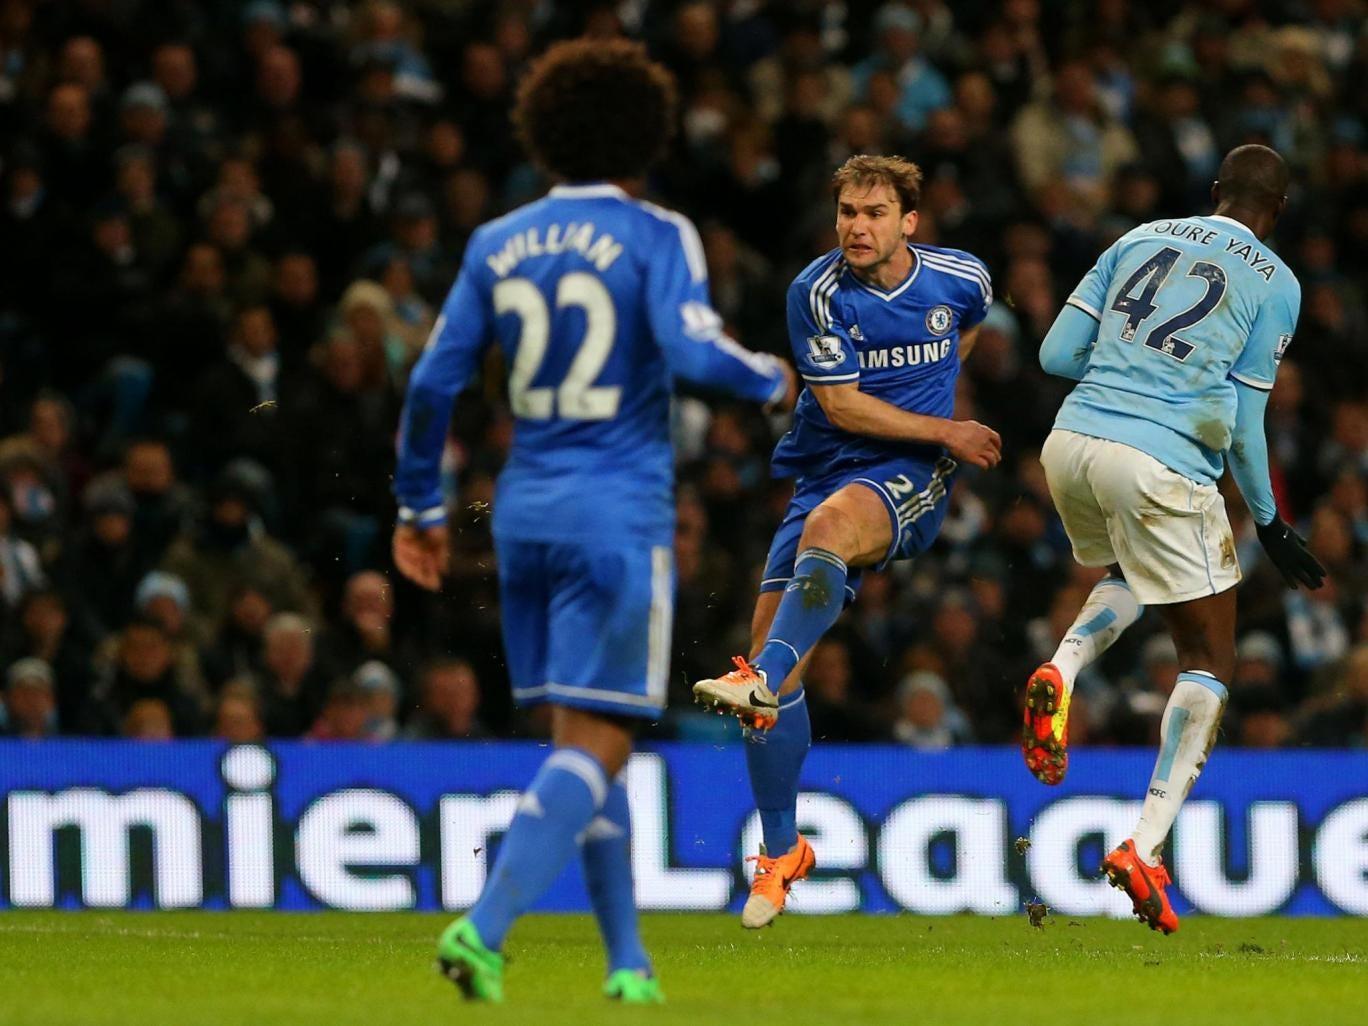 Chelsea's Branislav Ivanovic scores the winner against Manchester City at the Etihad last week